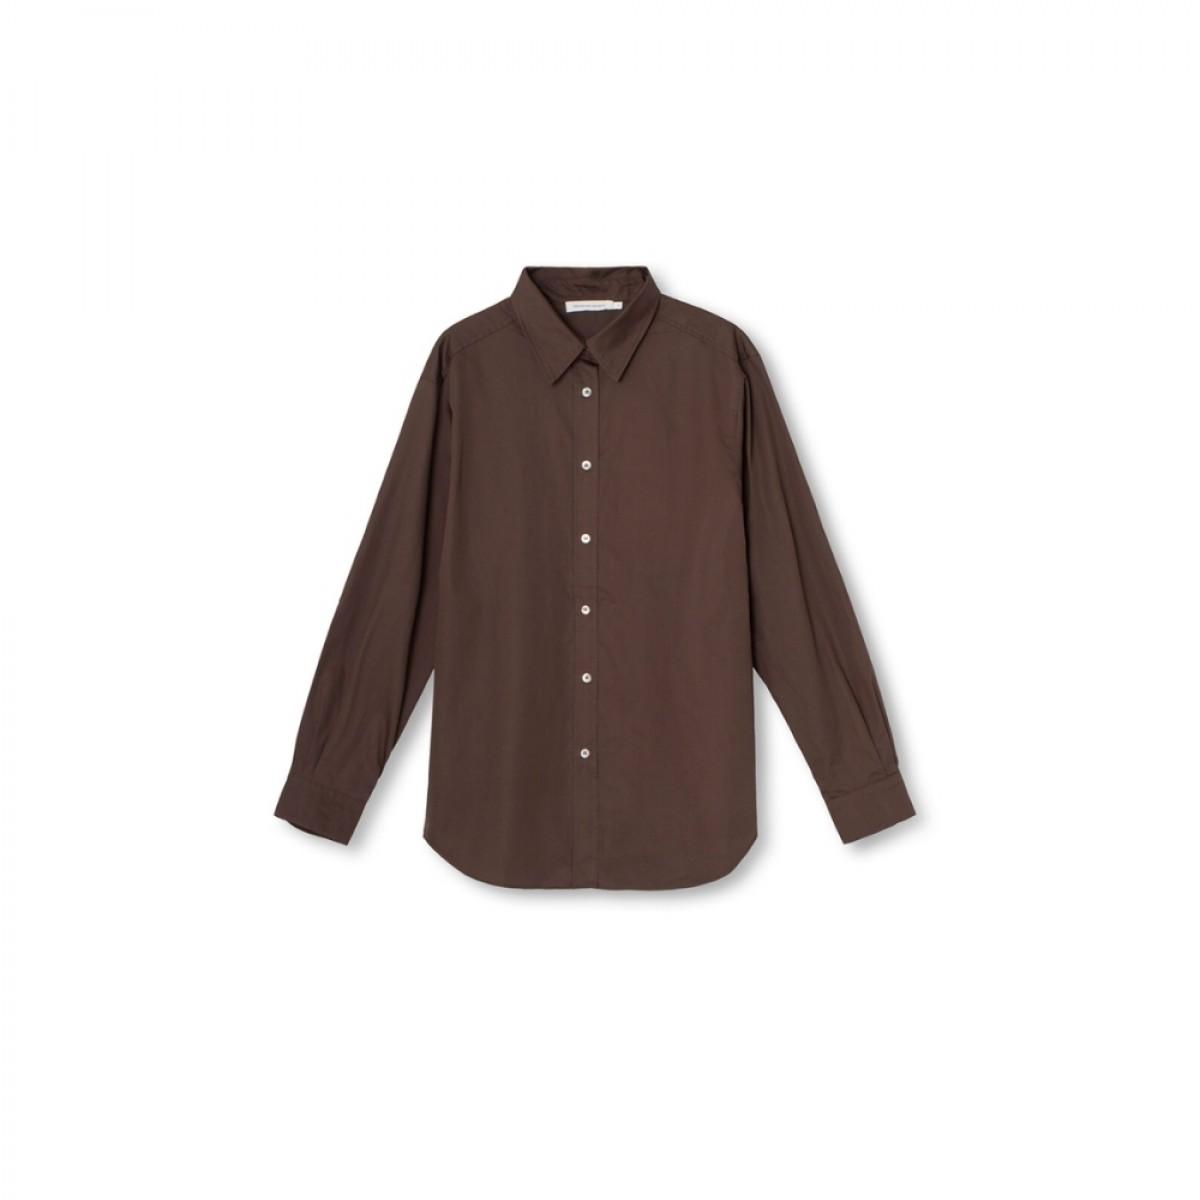 cora shirt - chocolate